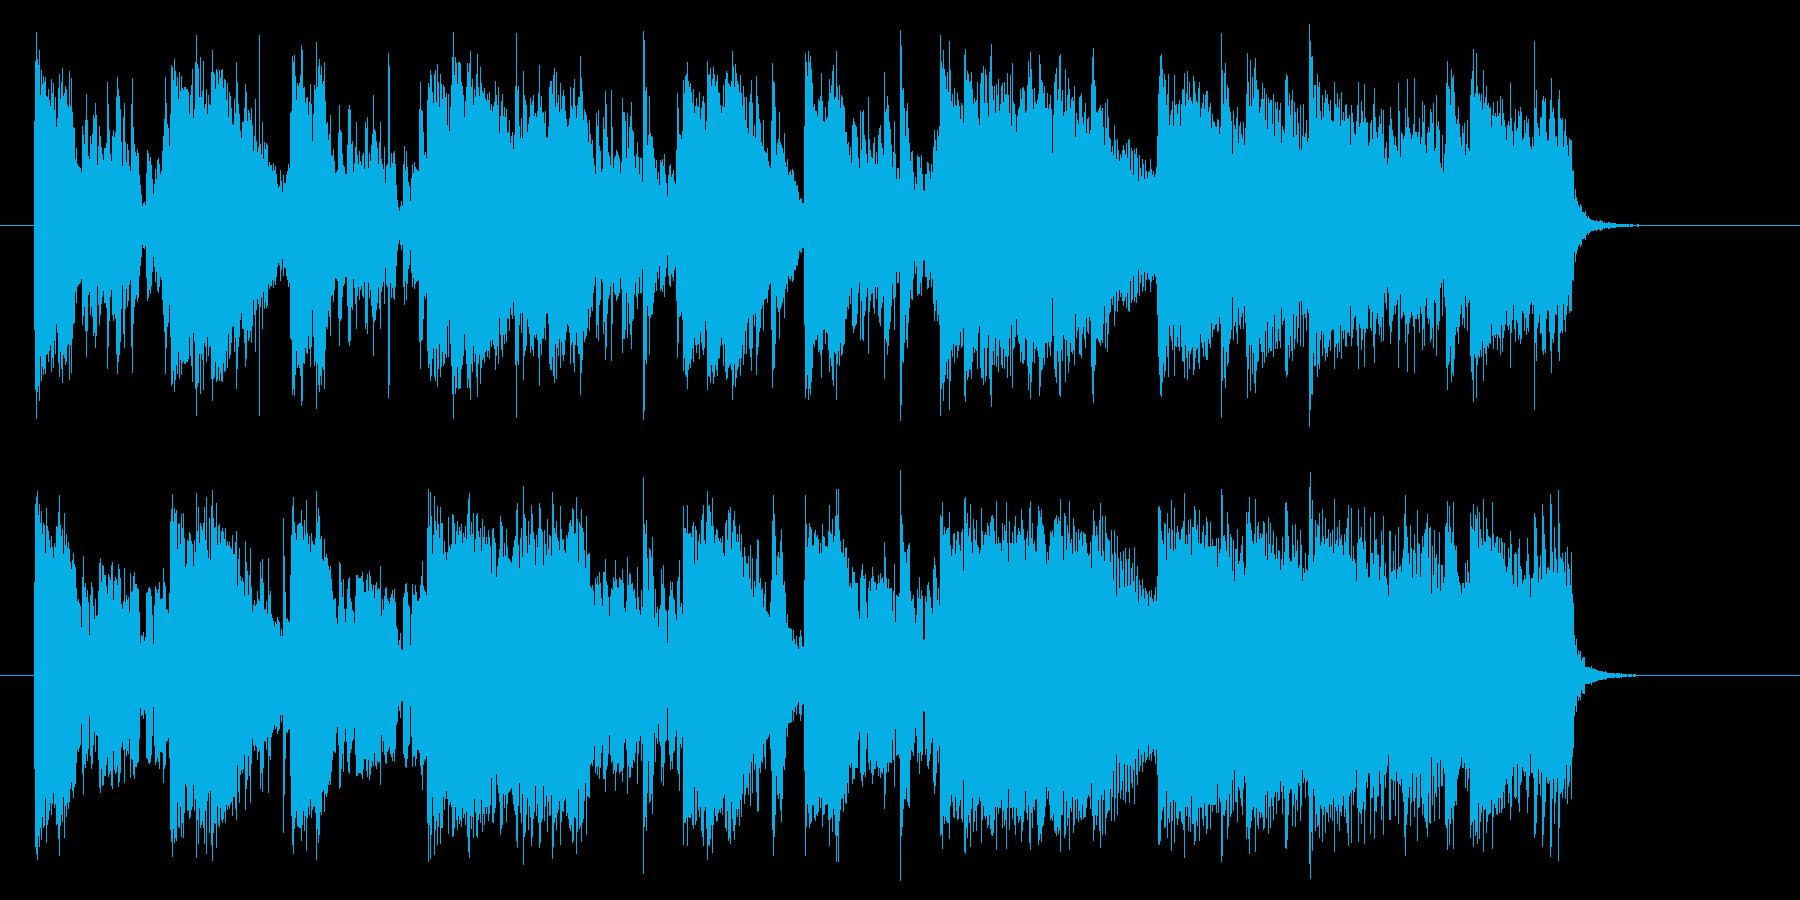 リズミカルで軽快なシンセジングルの再生済みの波形